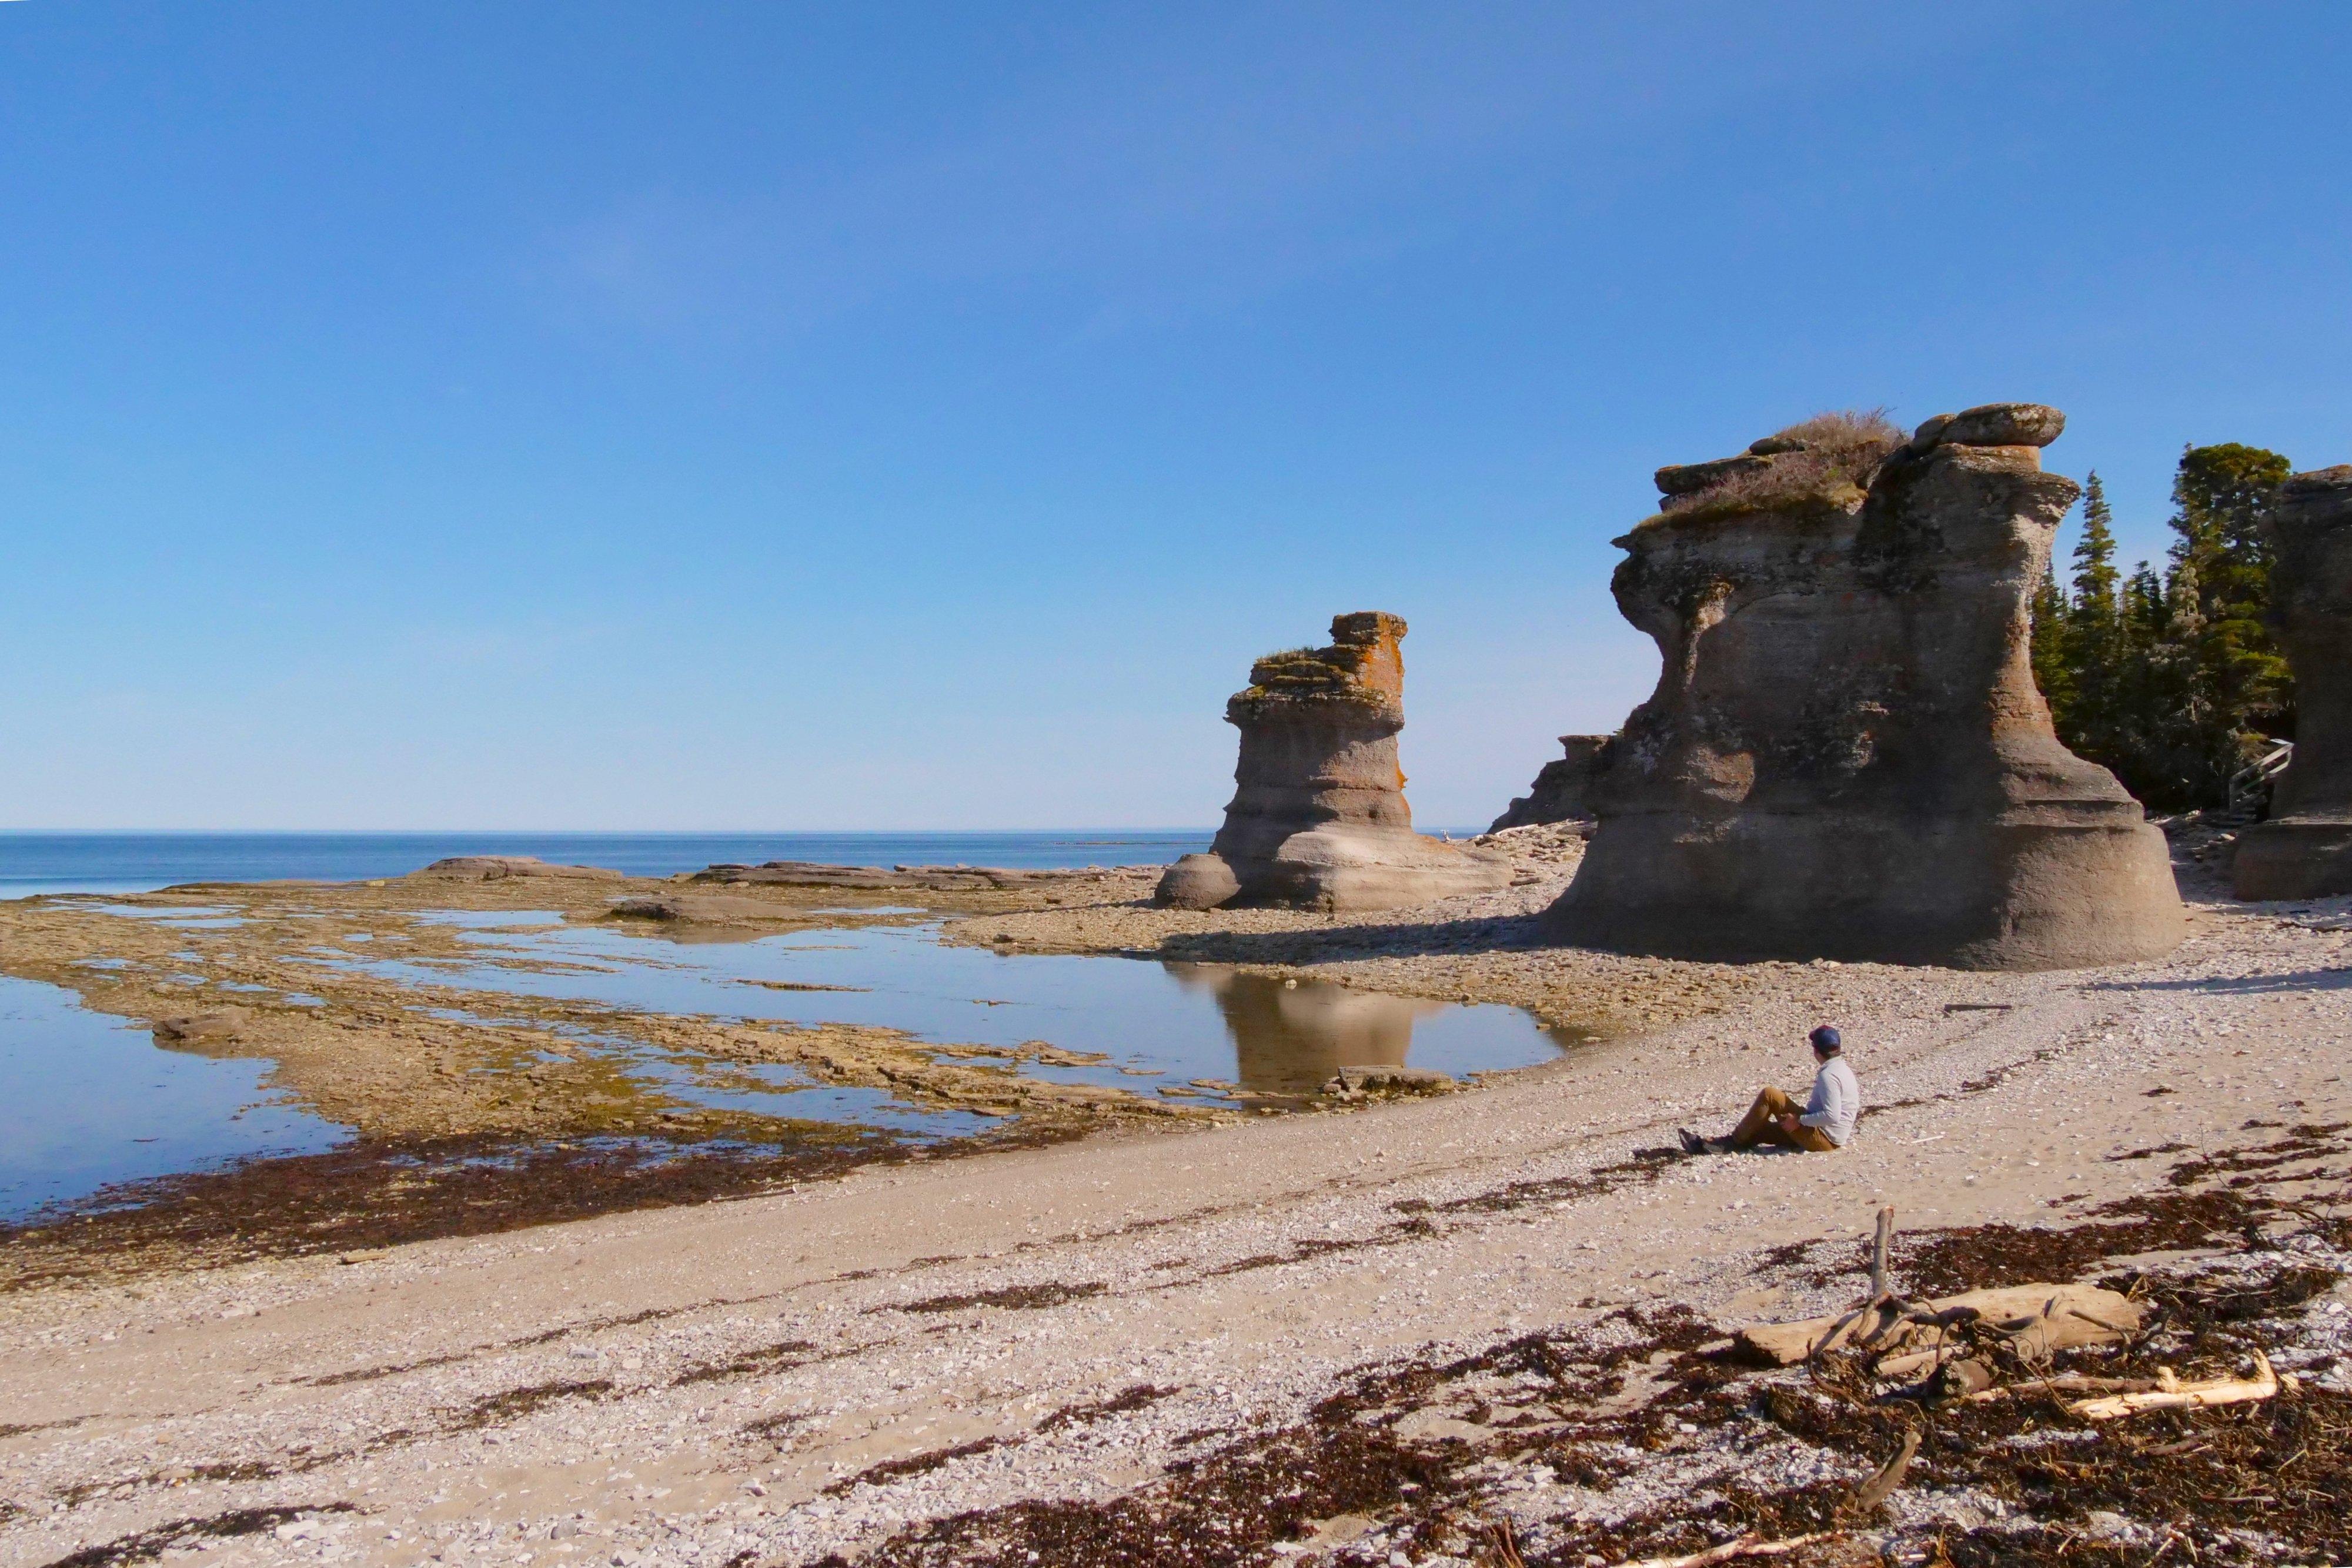 L'Archipel-de-Mingan sur la Côte-Nord